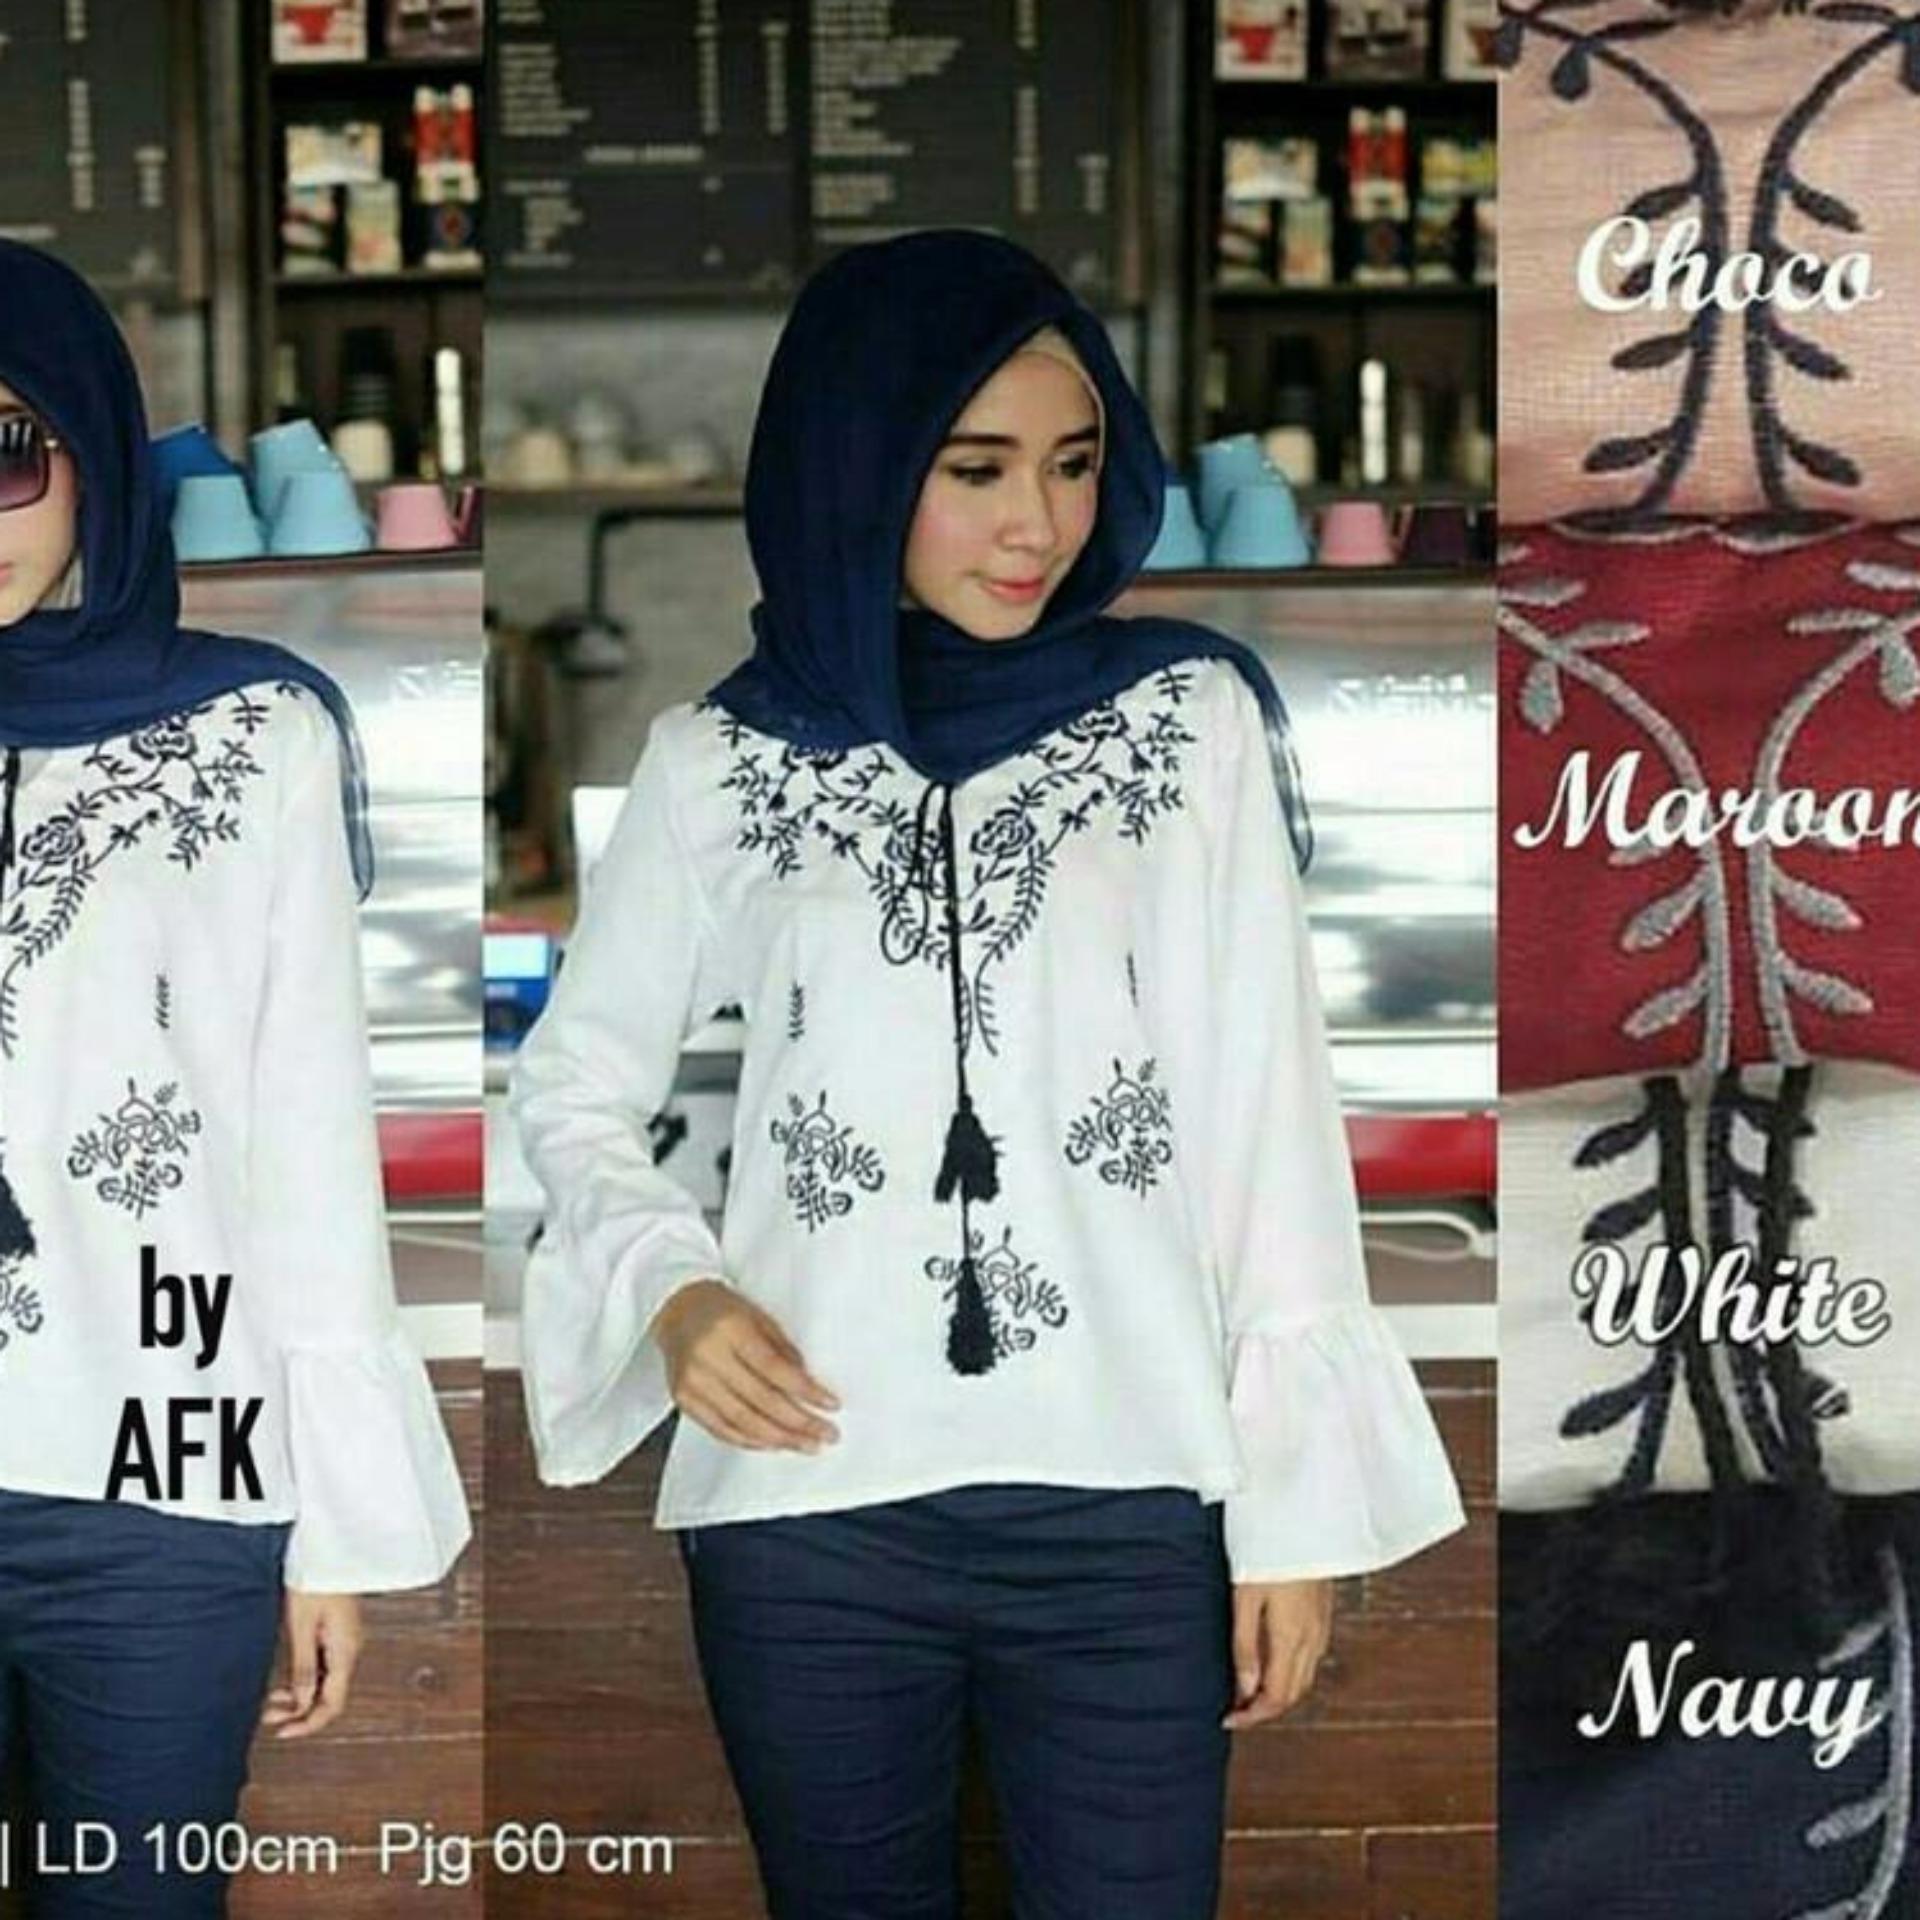 Shopping Yukz Blouse Wanita Valey Maroon7 Harga Terkini Dan Baju Atasan  A330 209 Muslimah Terbaru Grosir Murah Peach Sofie Bordir